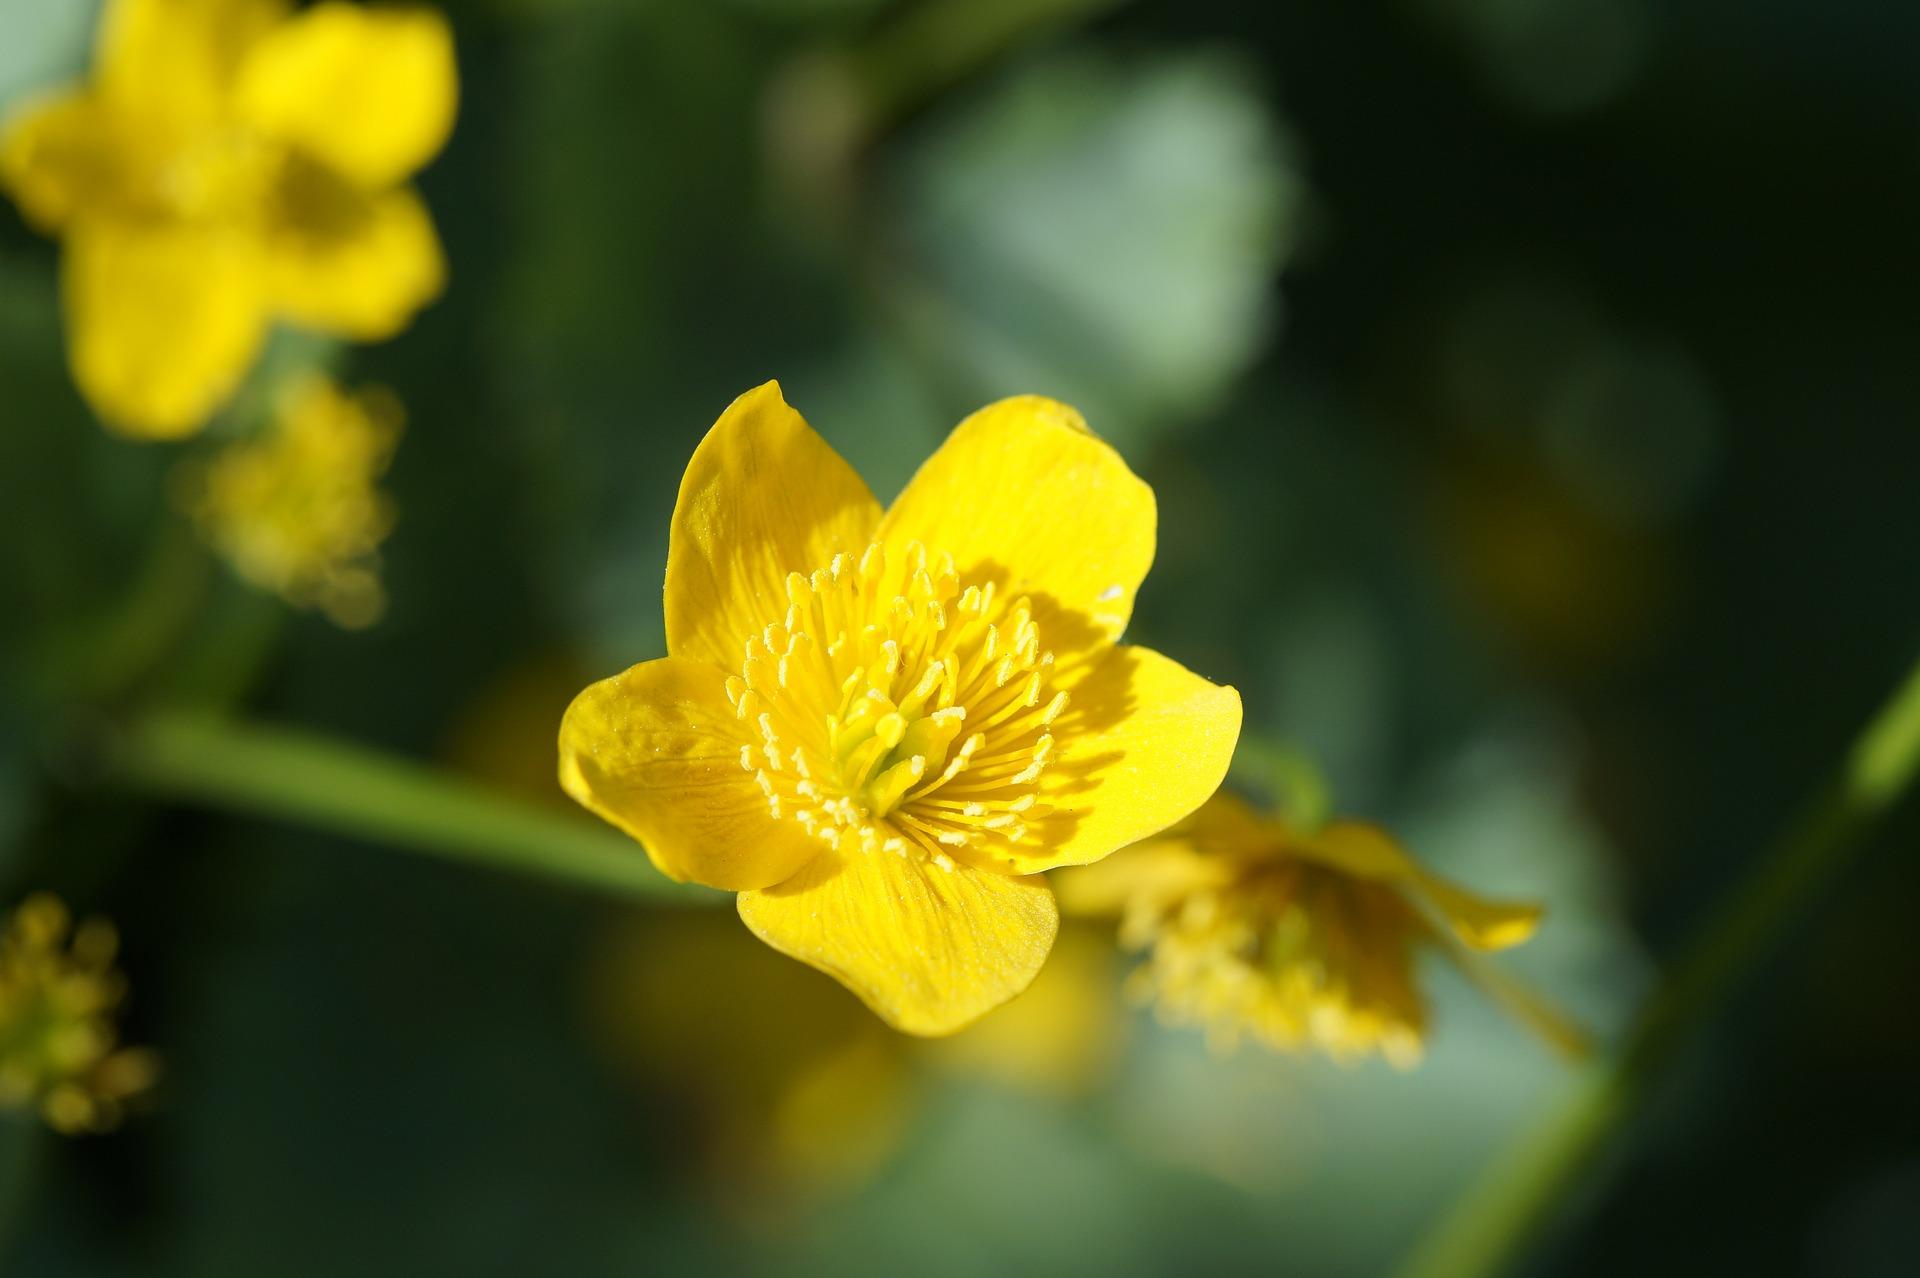 동의나물, Caltha palustris var